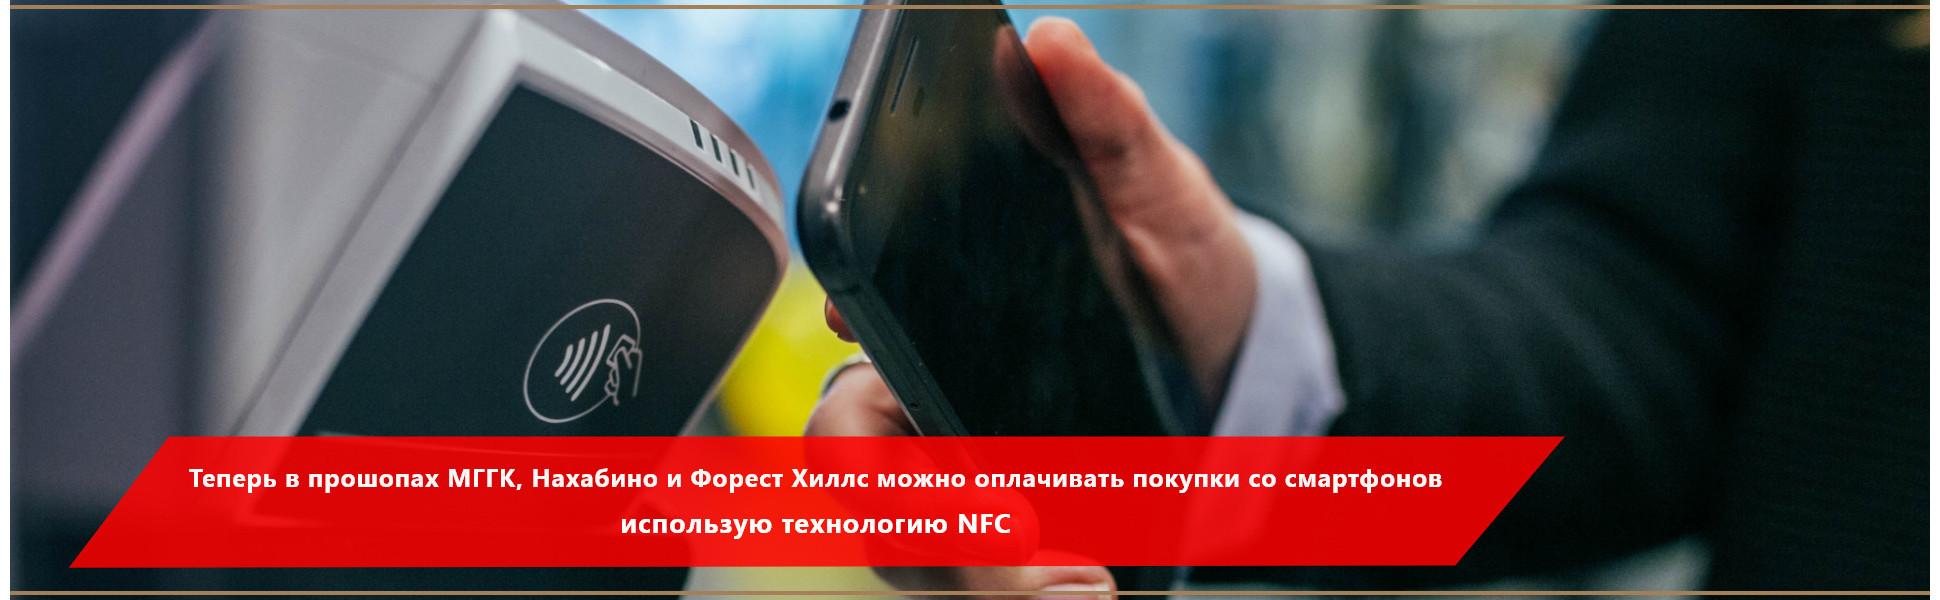 NFC в прошопах Гольф-Профи